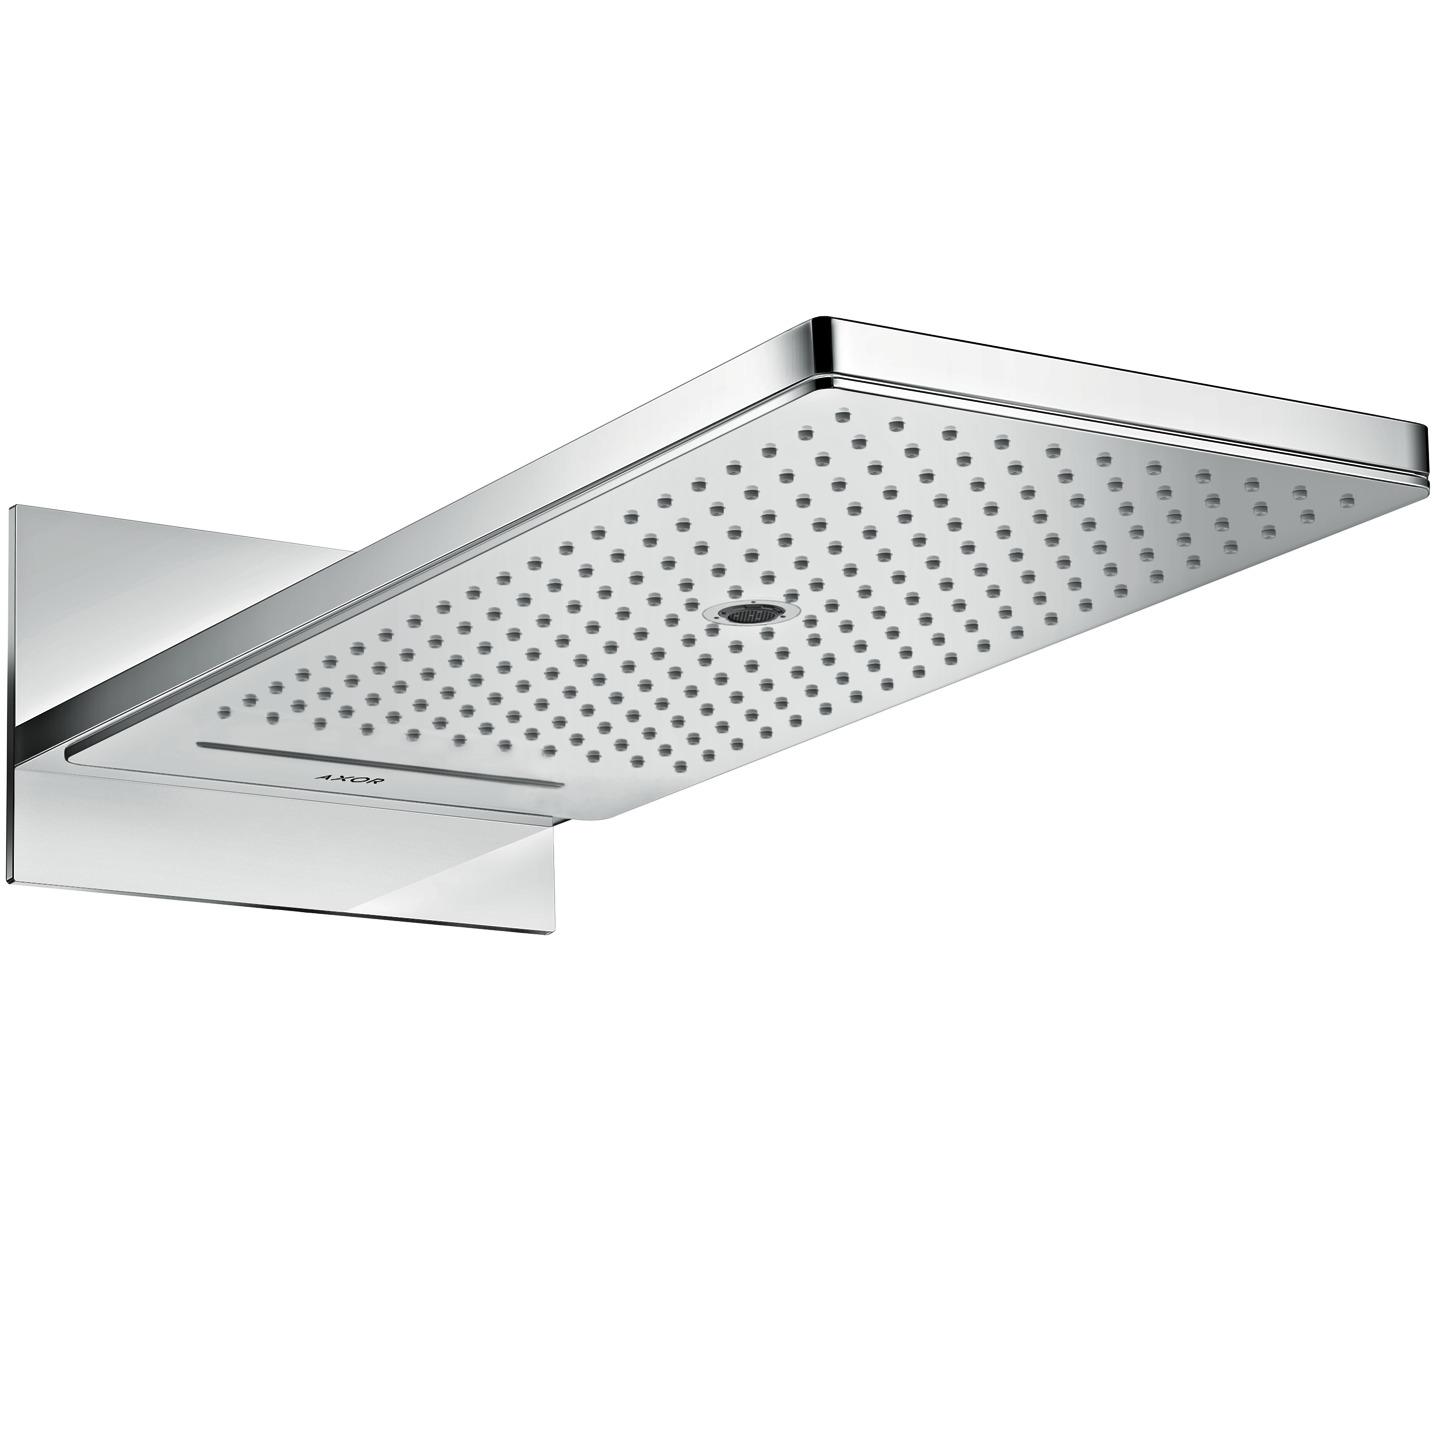 Axor Int Axor Showersolutions 3 Spray Modes 35283000